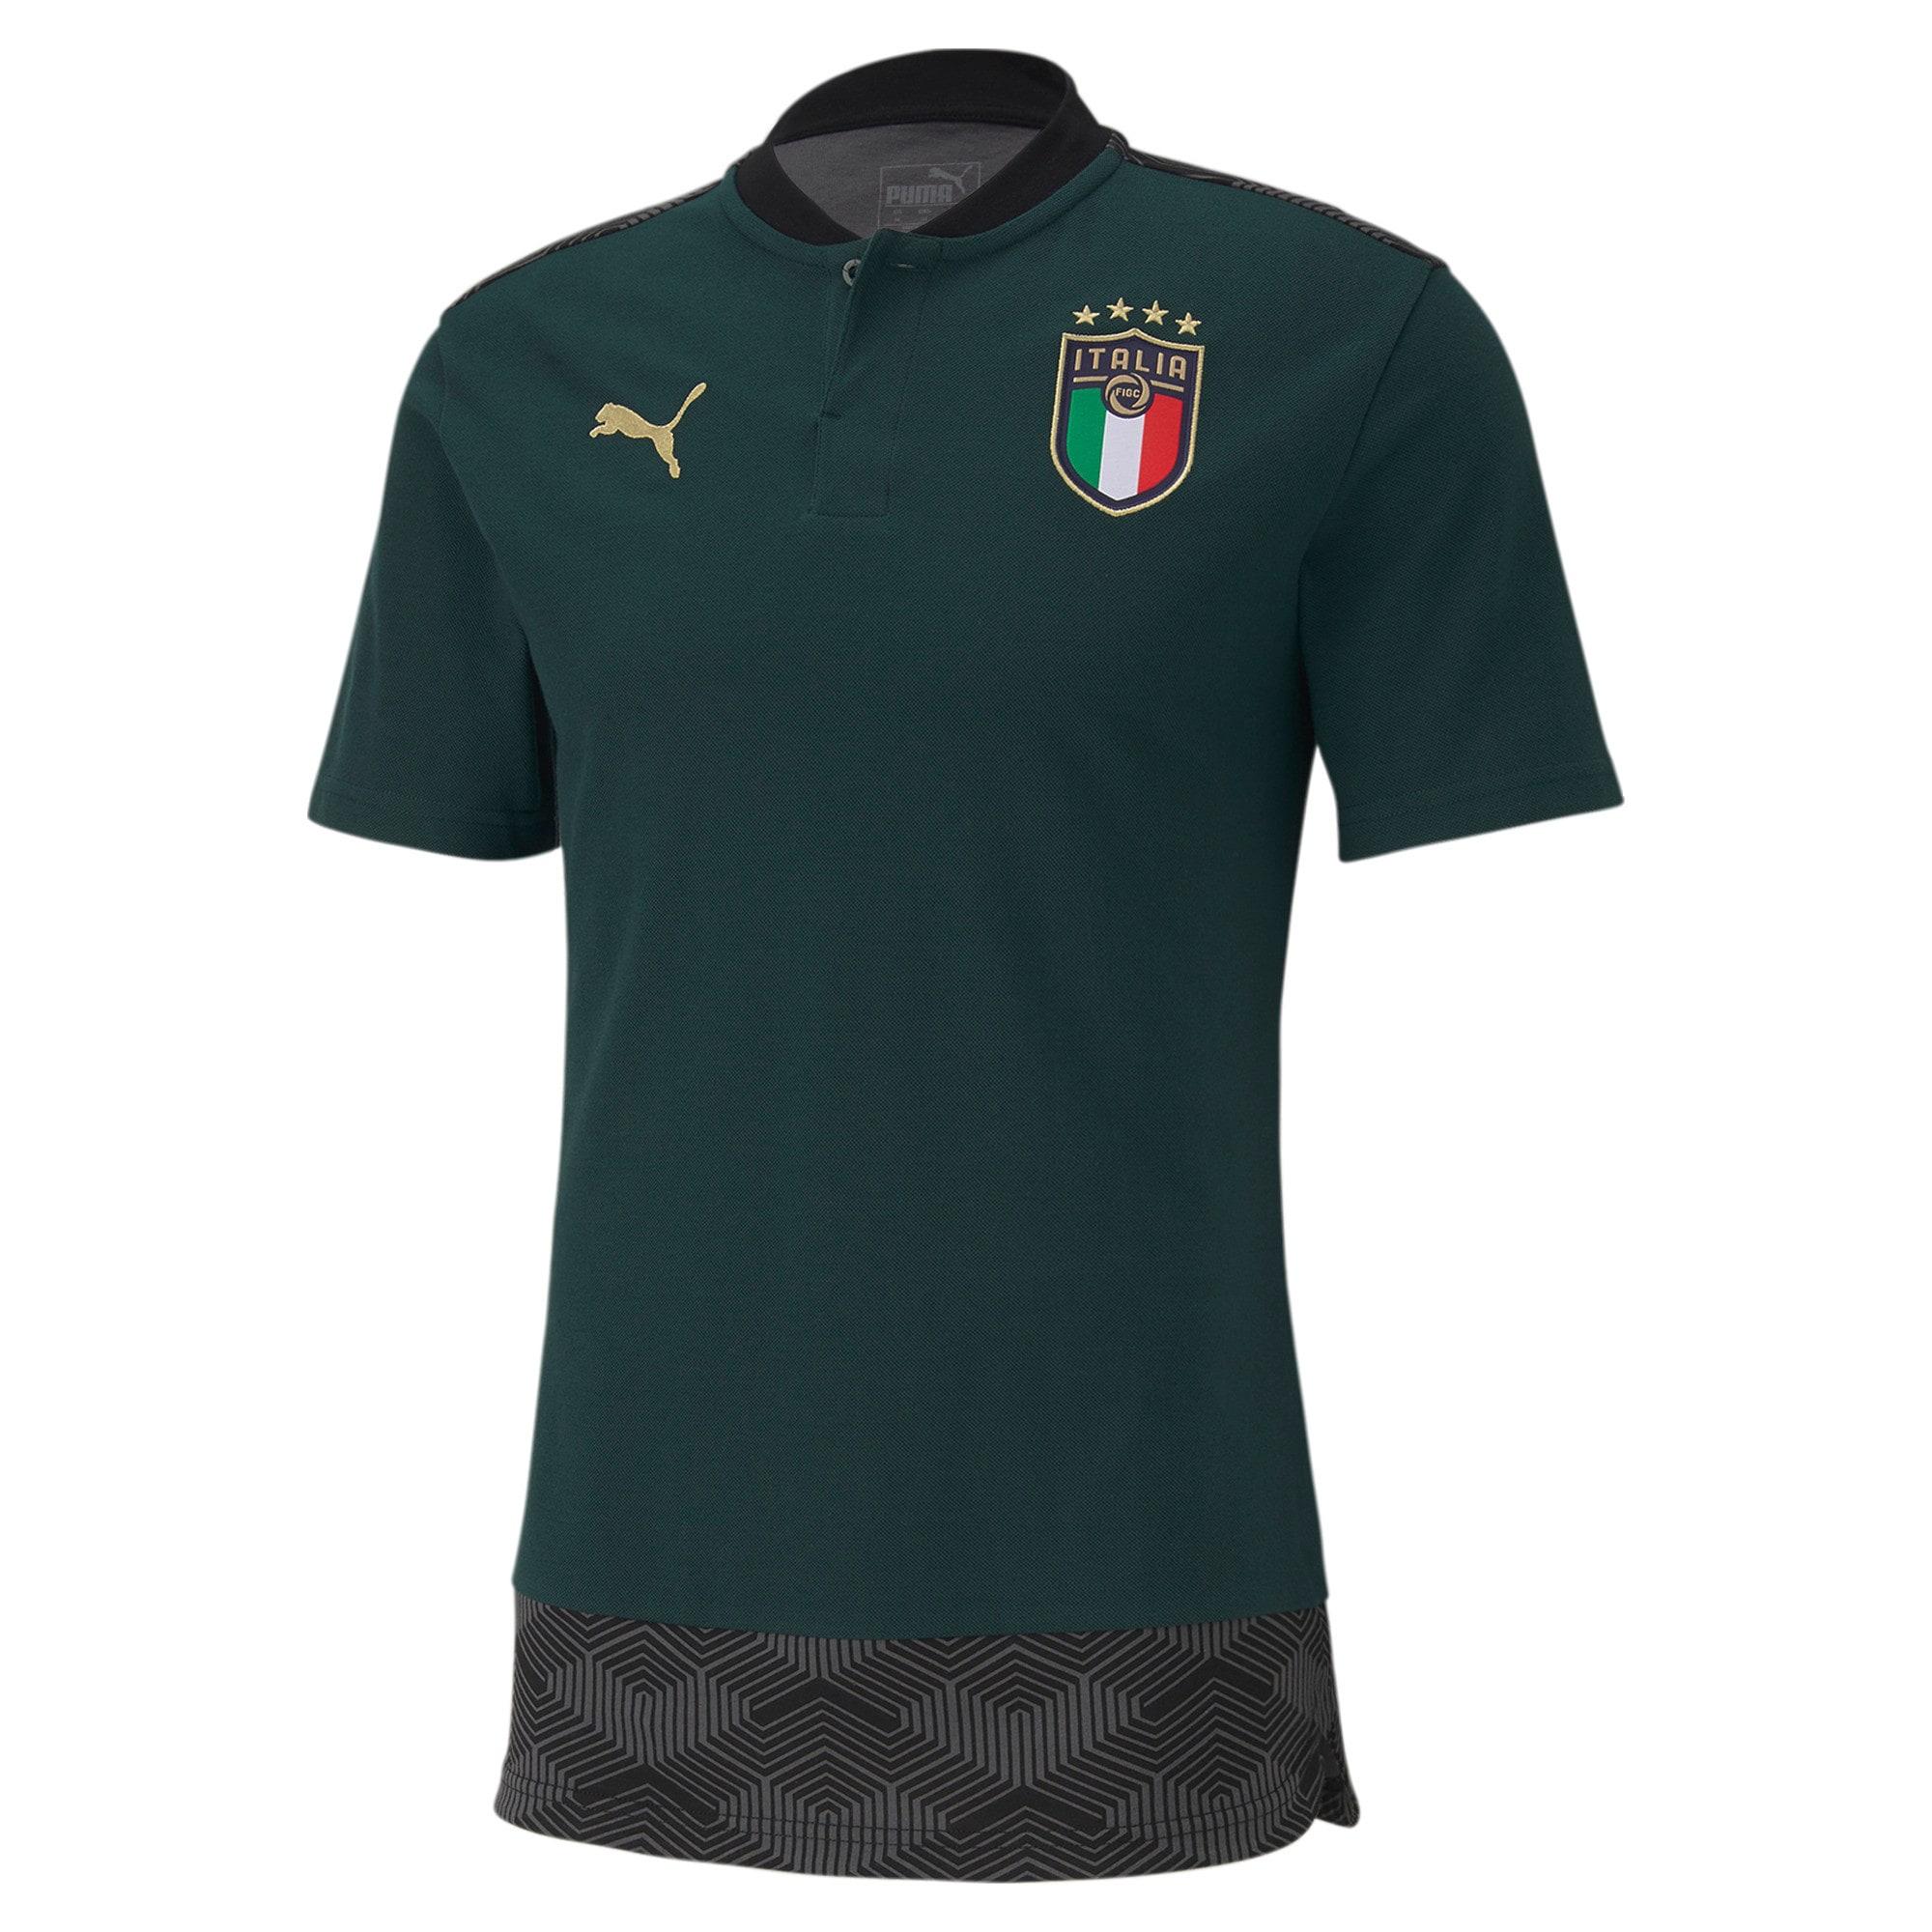 Thumbnail 1 of FIGC イタリア カジュアル ポロシャツ 半袖, Ponderosa Pine-Peacoat, medium-JPN